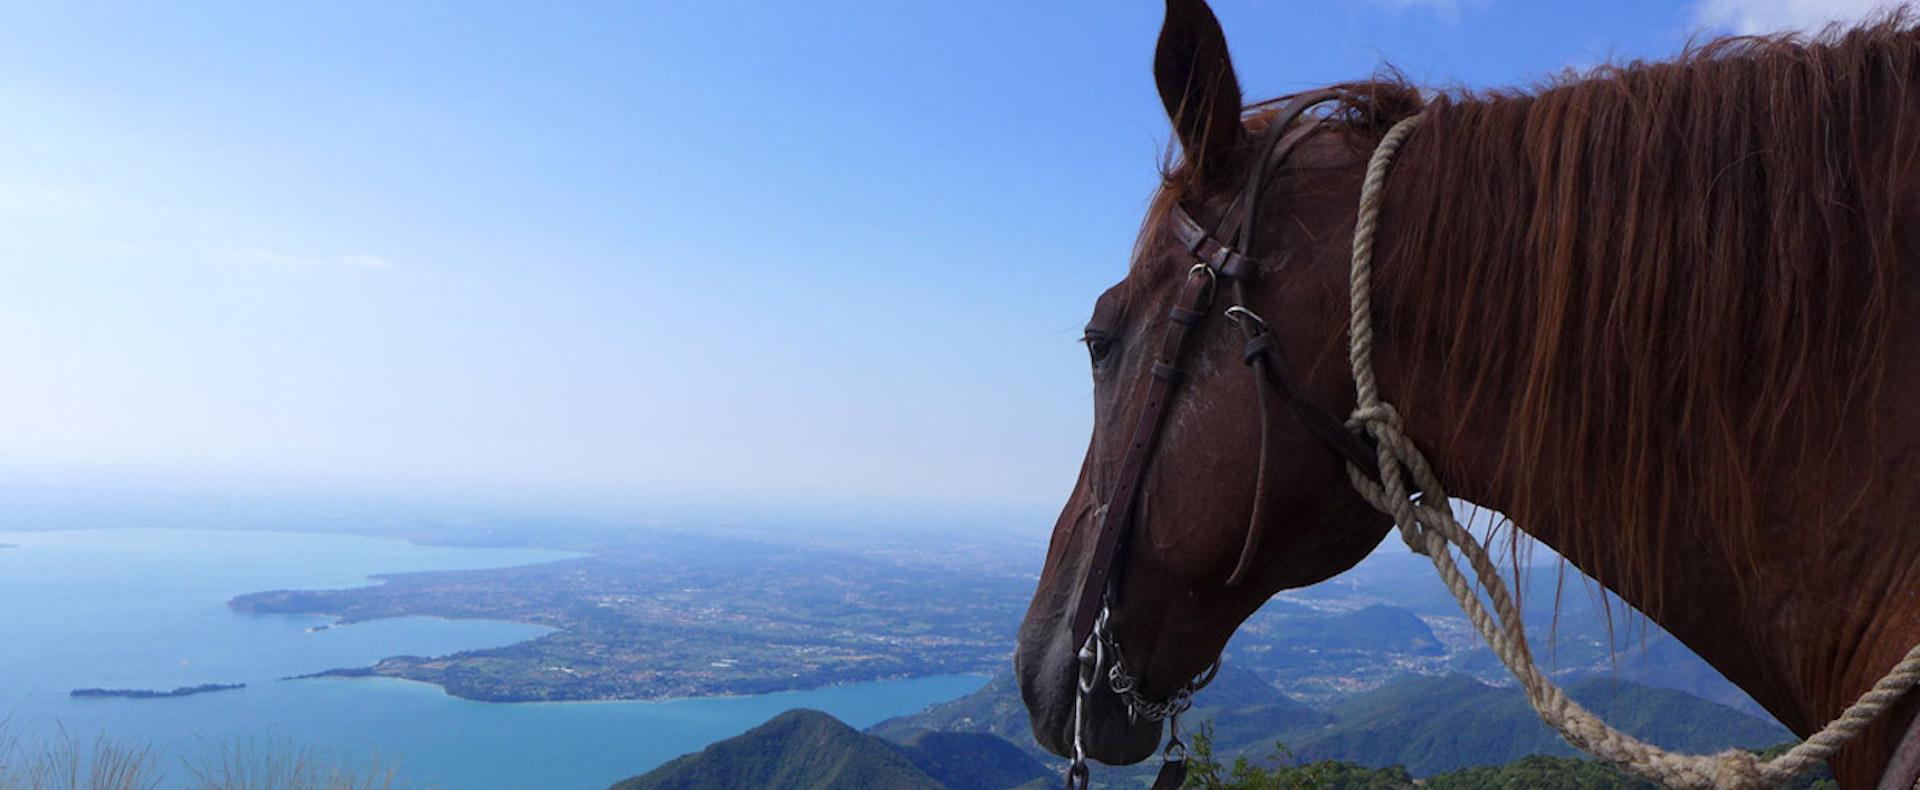 equitazione Toscolano maderno